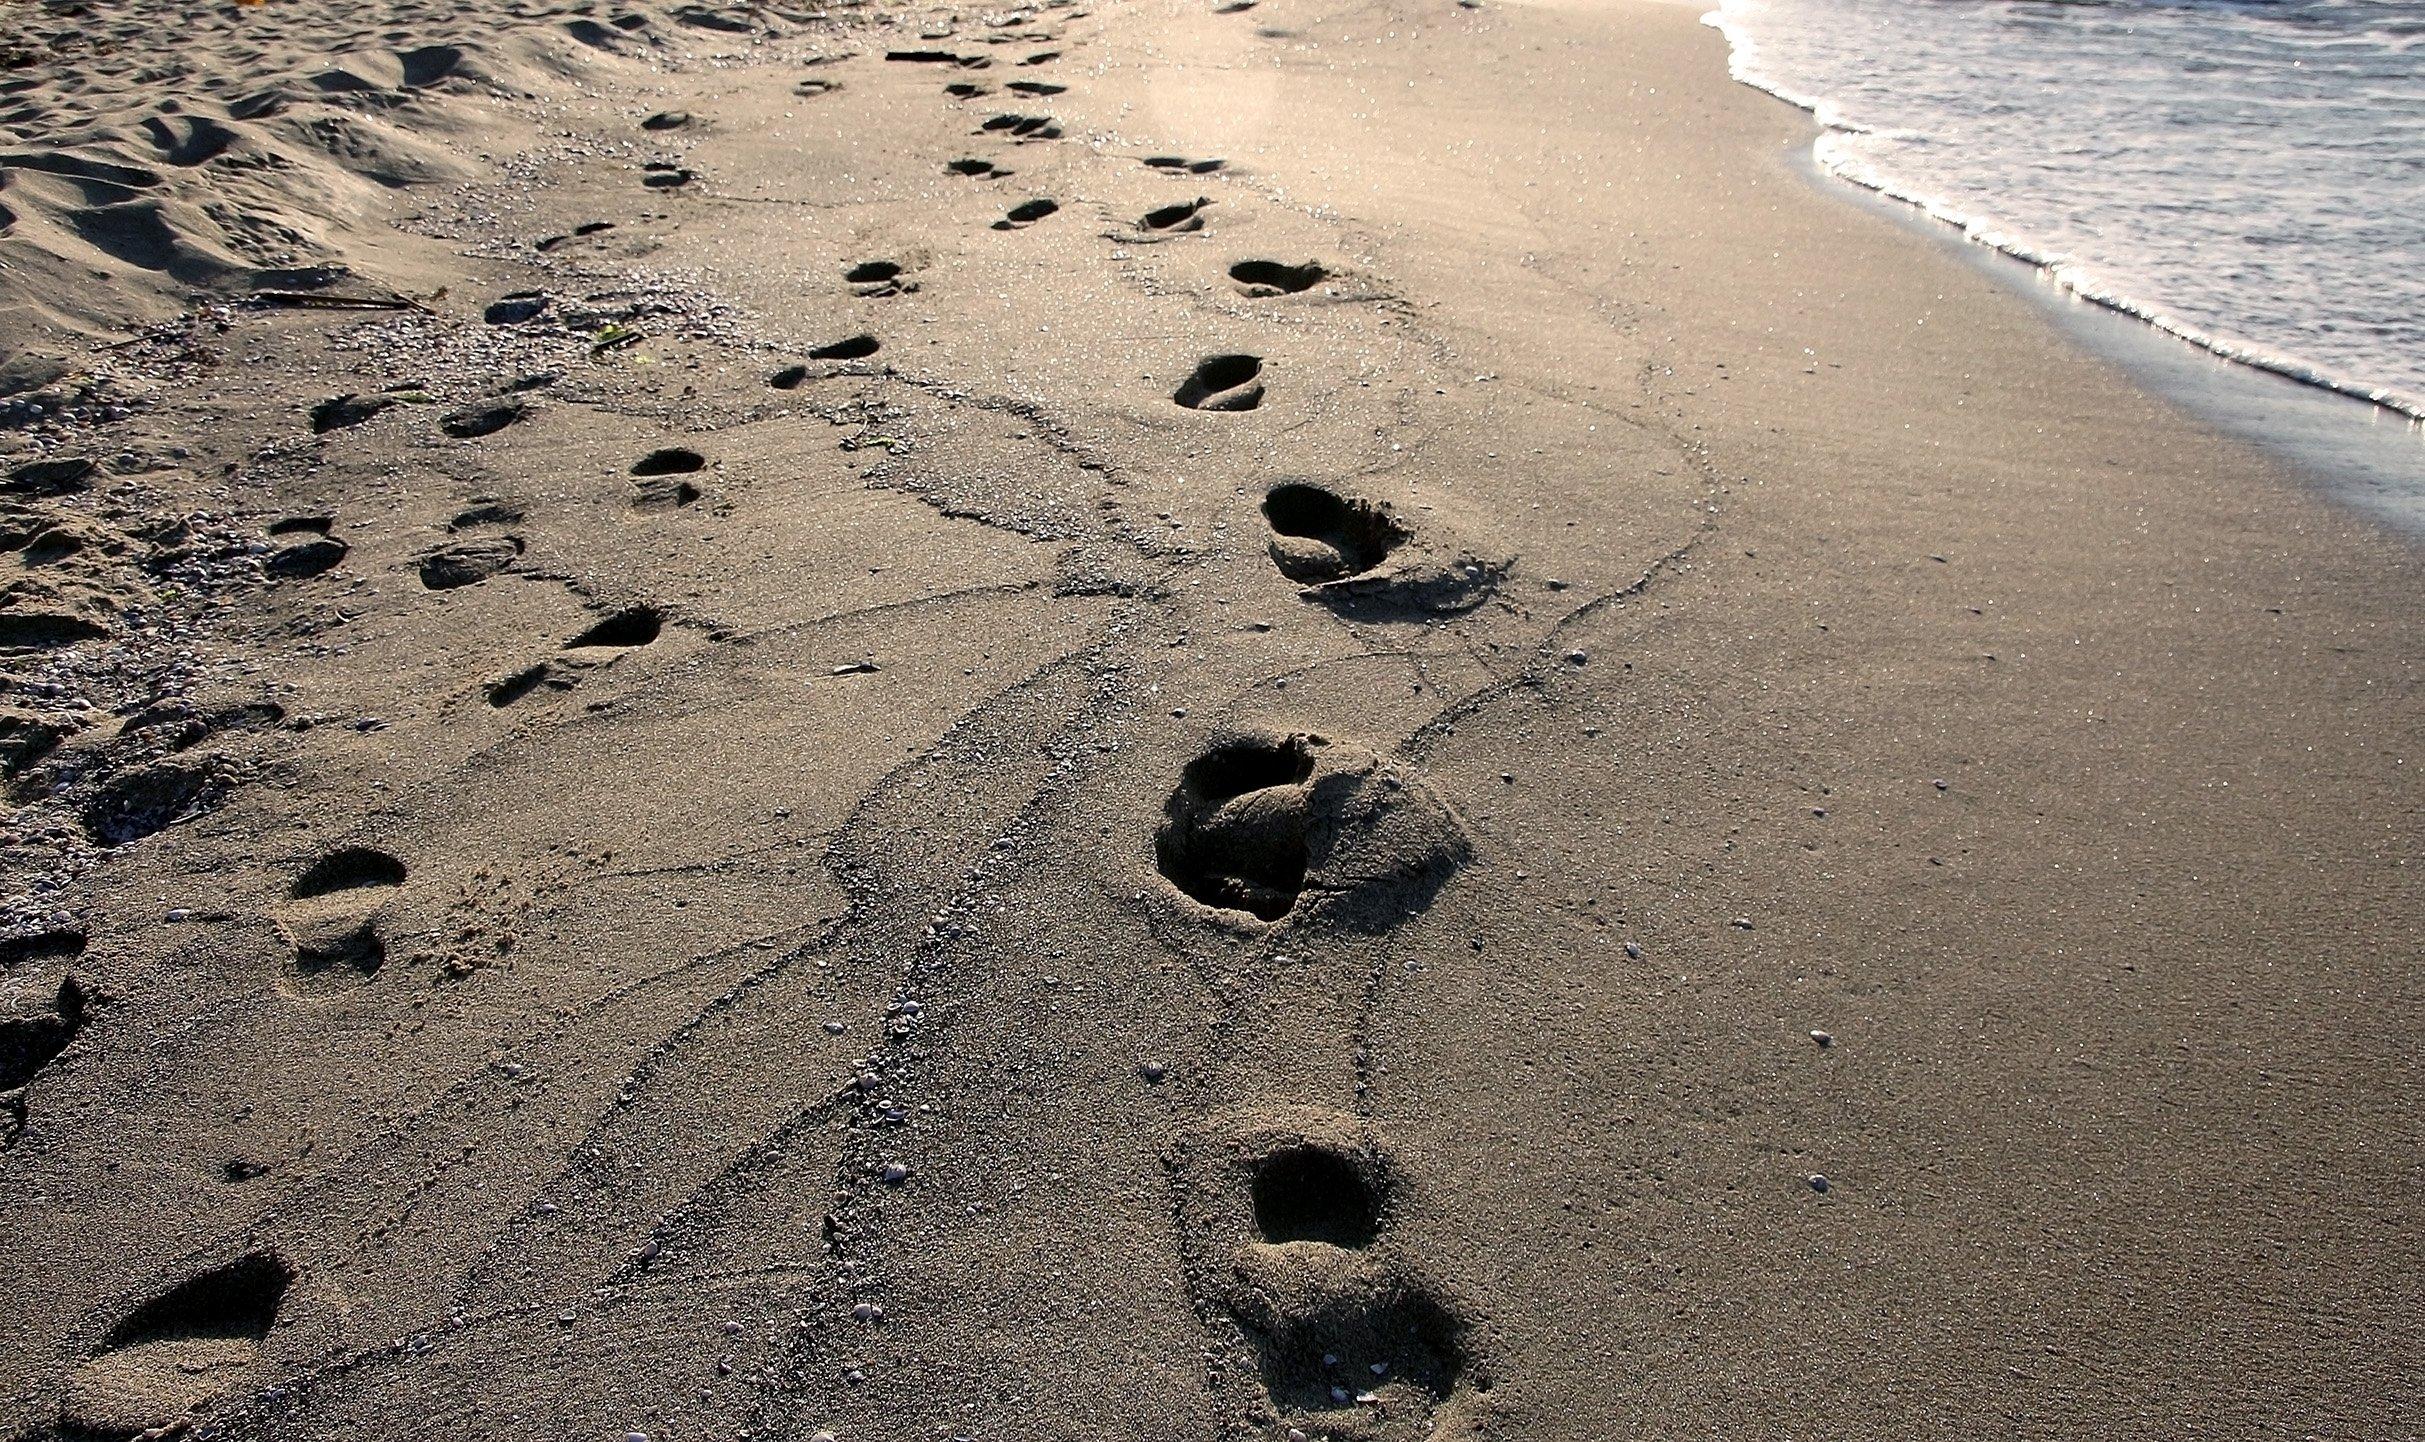 конечно след на песке фото сложность трудно сконцентрироваться